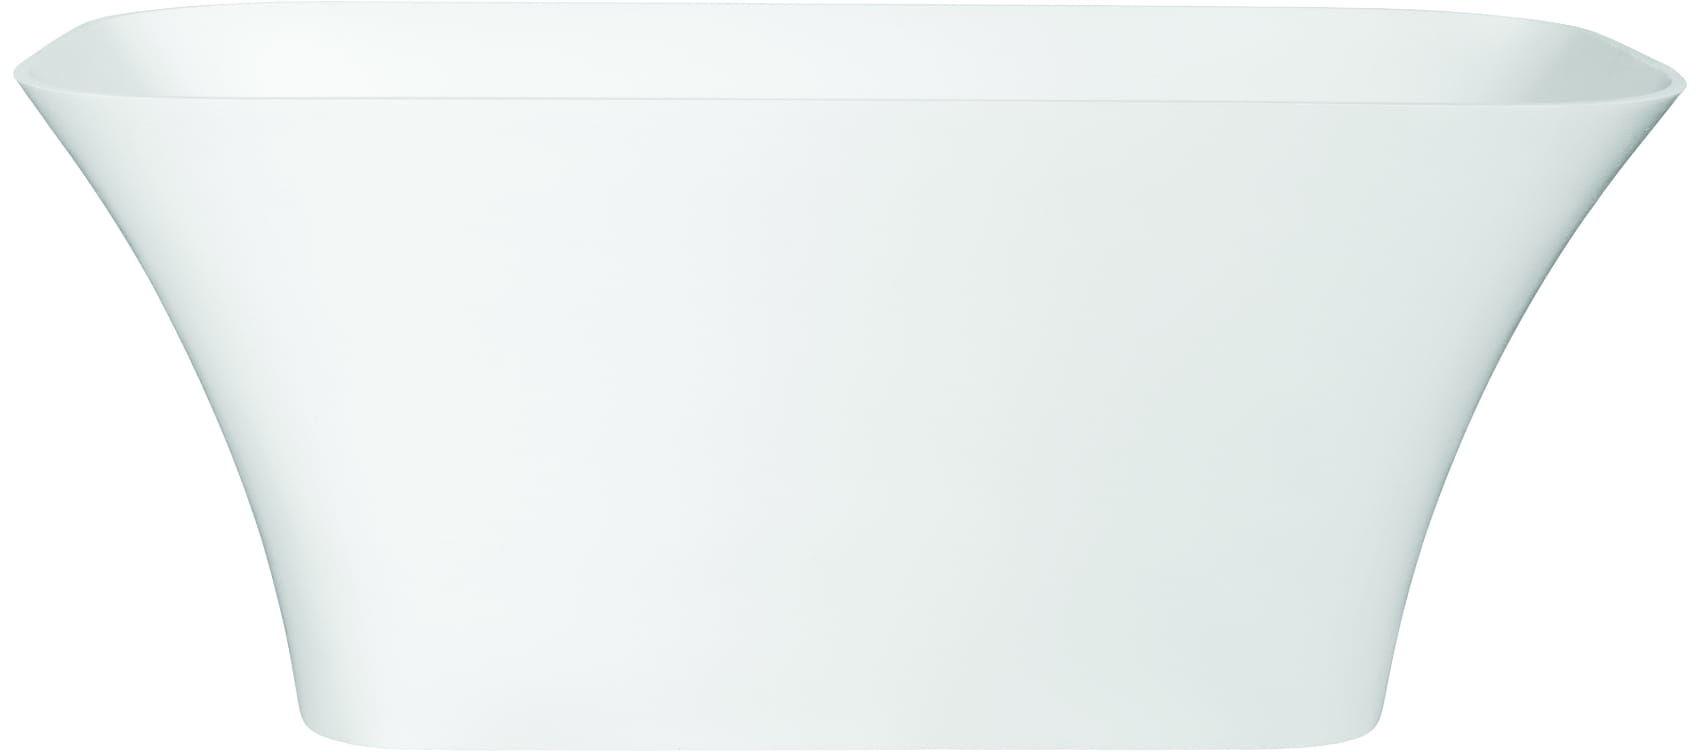 Besco wanna wolnostojąca Assos Glam Grafit 160x70 cm biało-grafitowa+ syfon klik-klak